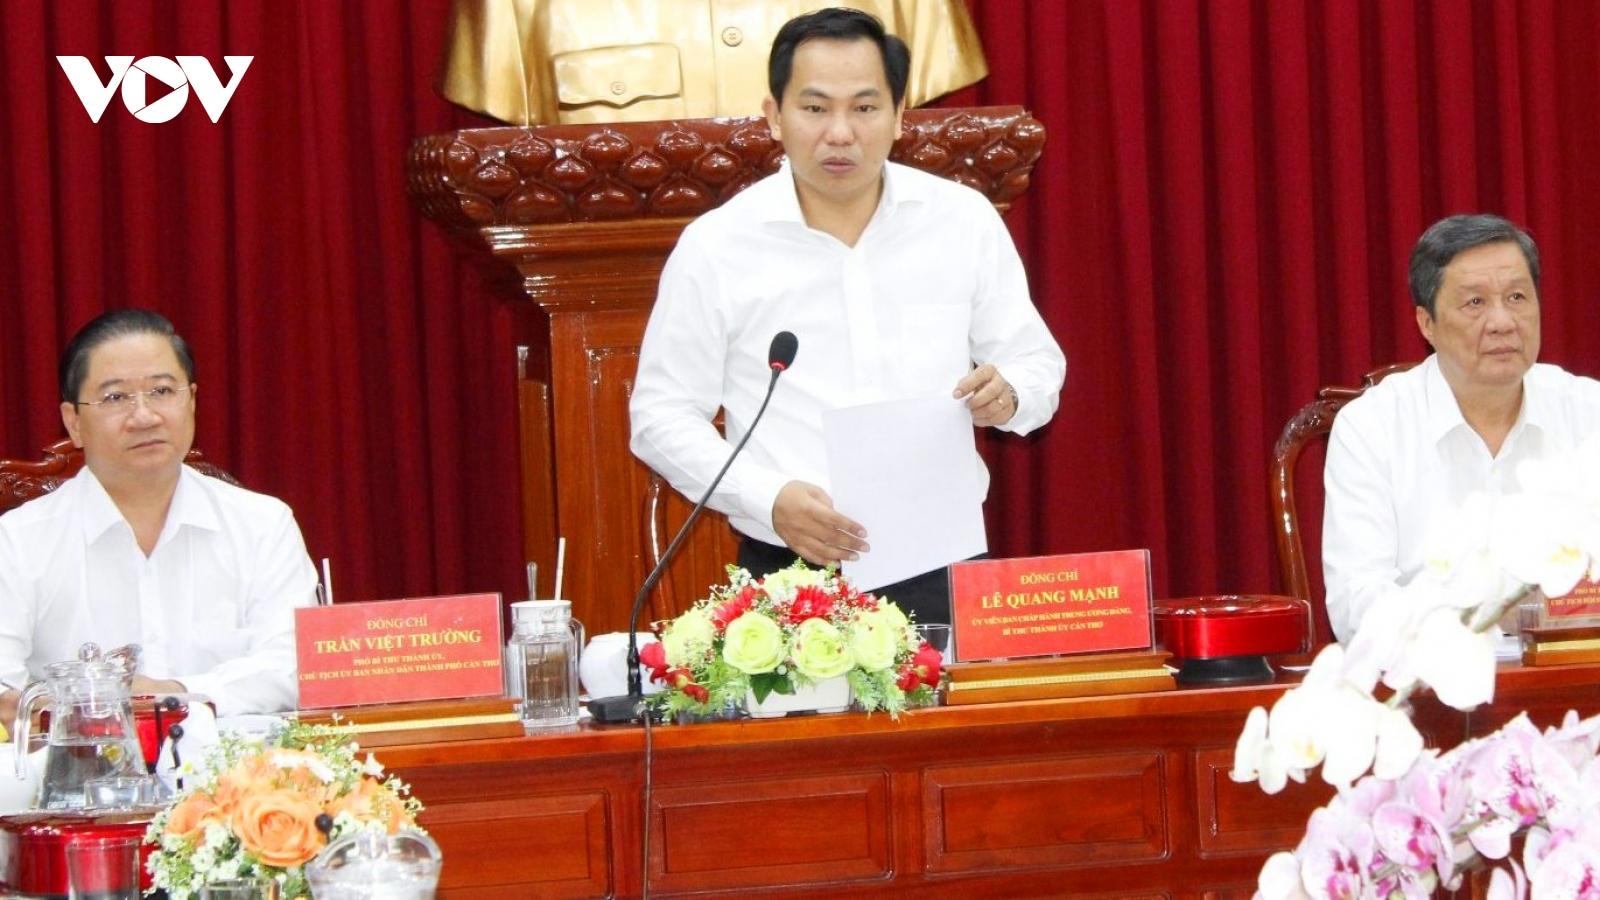 Bí thư Thành ủy Cần Thơđề nghị các cơ quan bắt tay ngay vào công việc